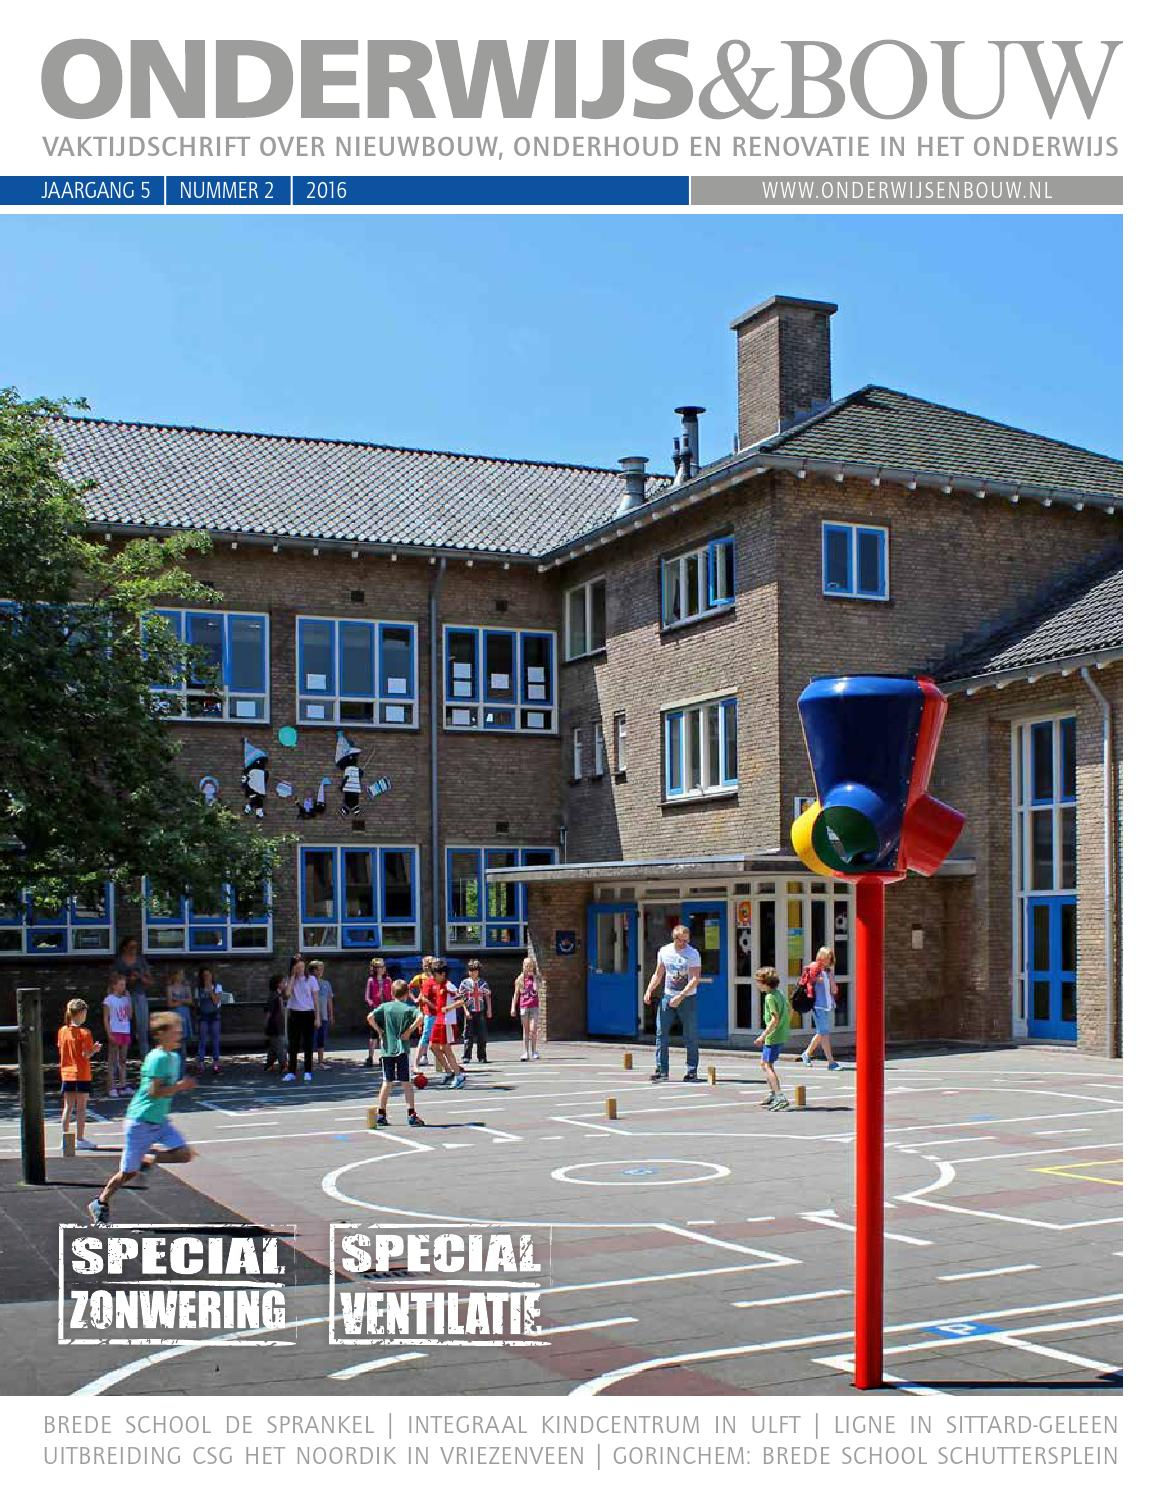 Onderwijs & bouw 03 2015 by louwers uitgeversorganisatie bv   issuu